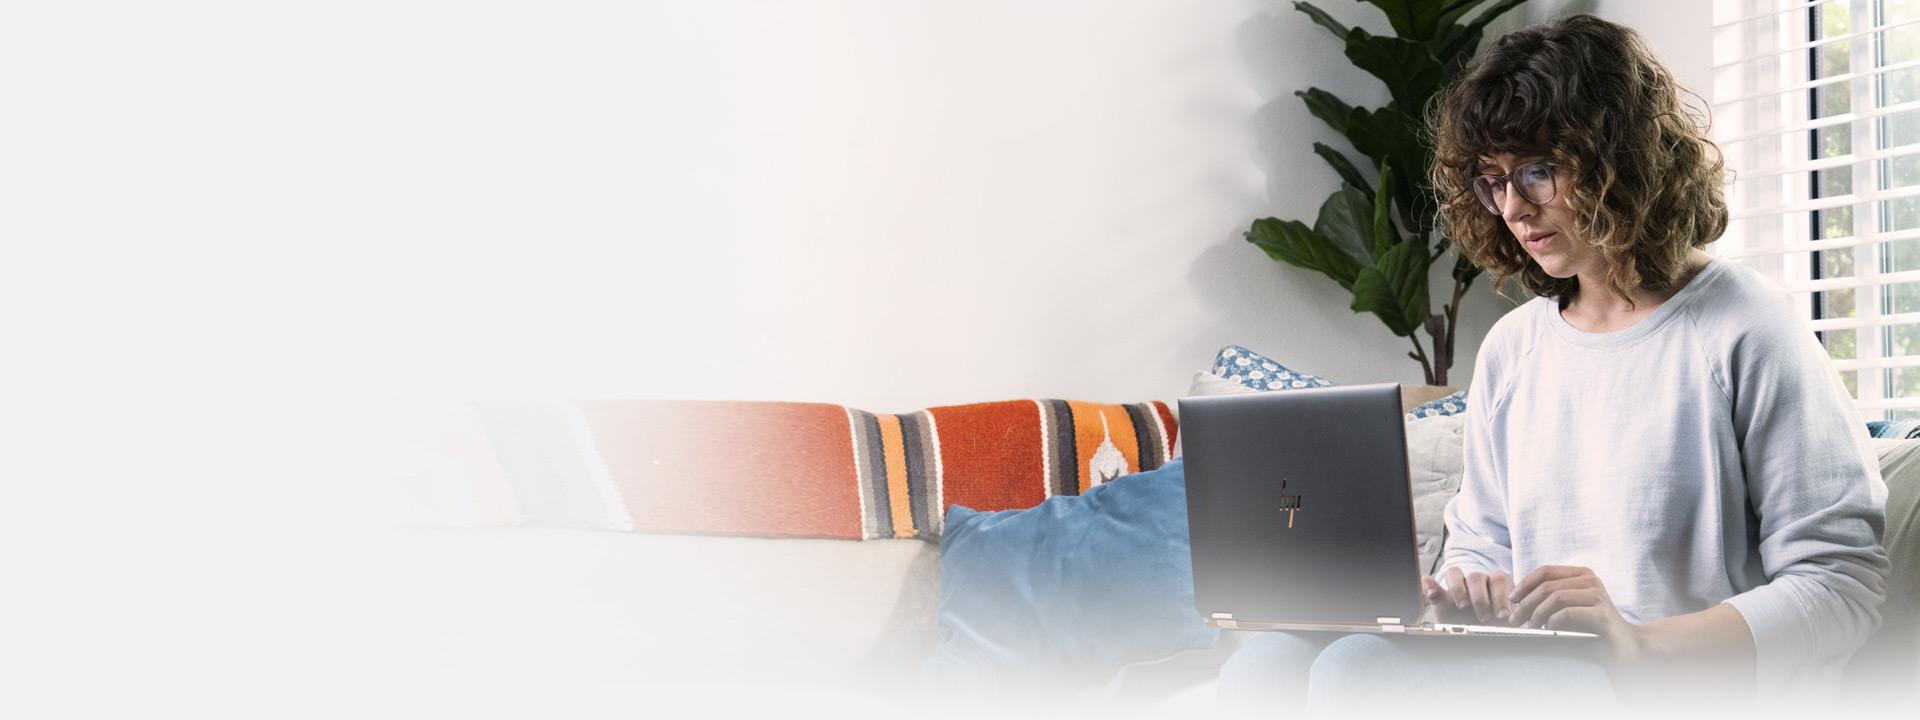 一位女士坐在沙发上使用笔记本电脑